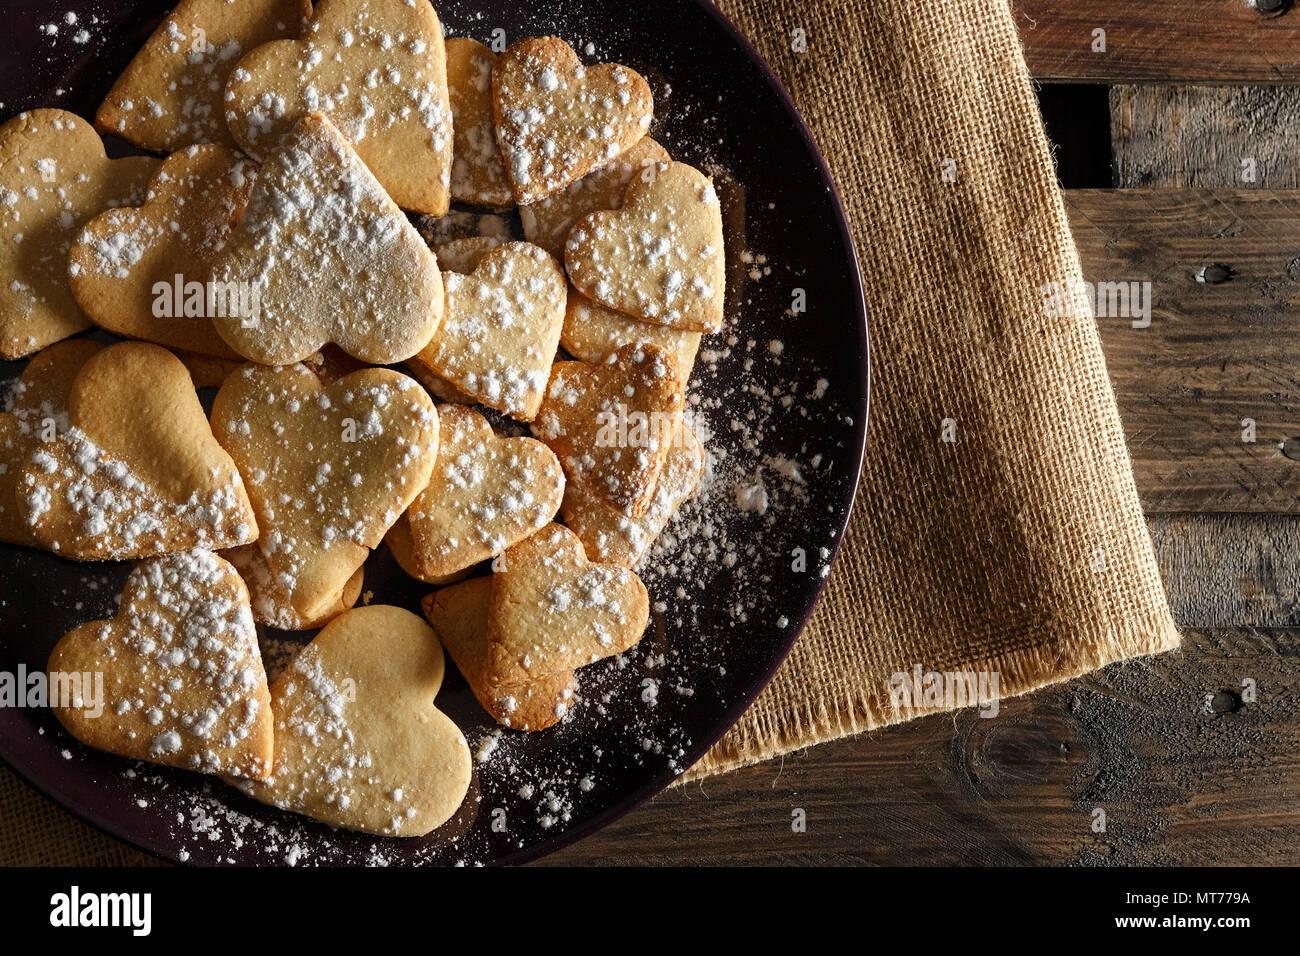 Köstliche hausgemachte herzförmige Plätzchen mit Puderzucker auf Sack und Holzbretter bestreut. Bild horizontal von oben gesehen. Stockbild